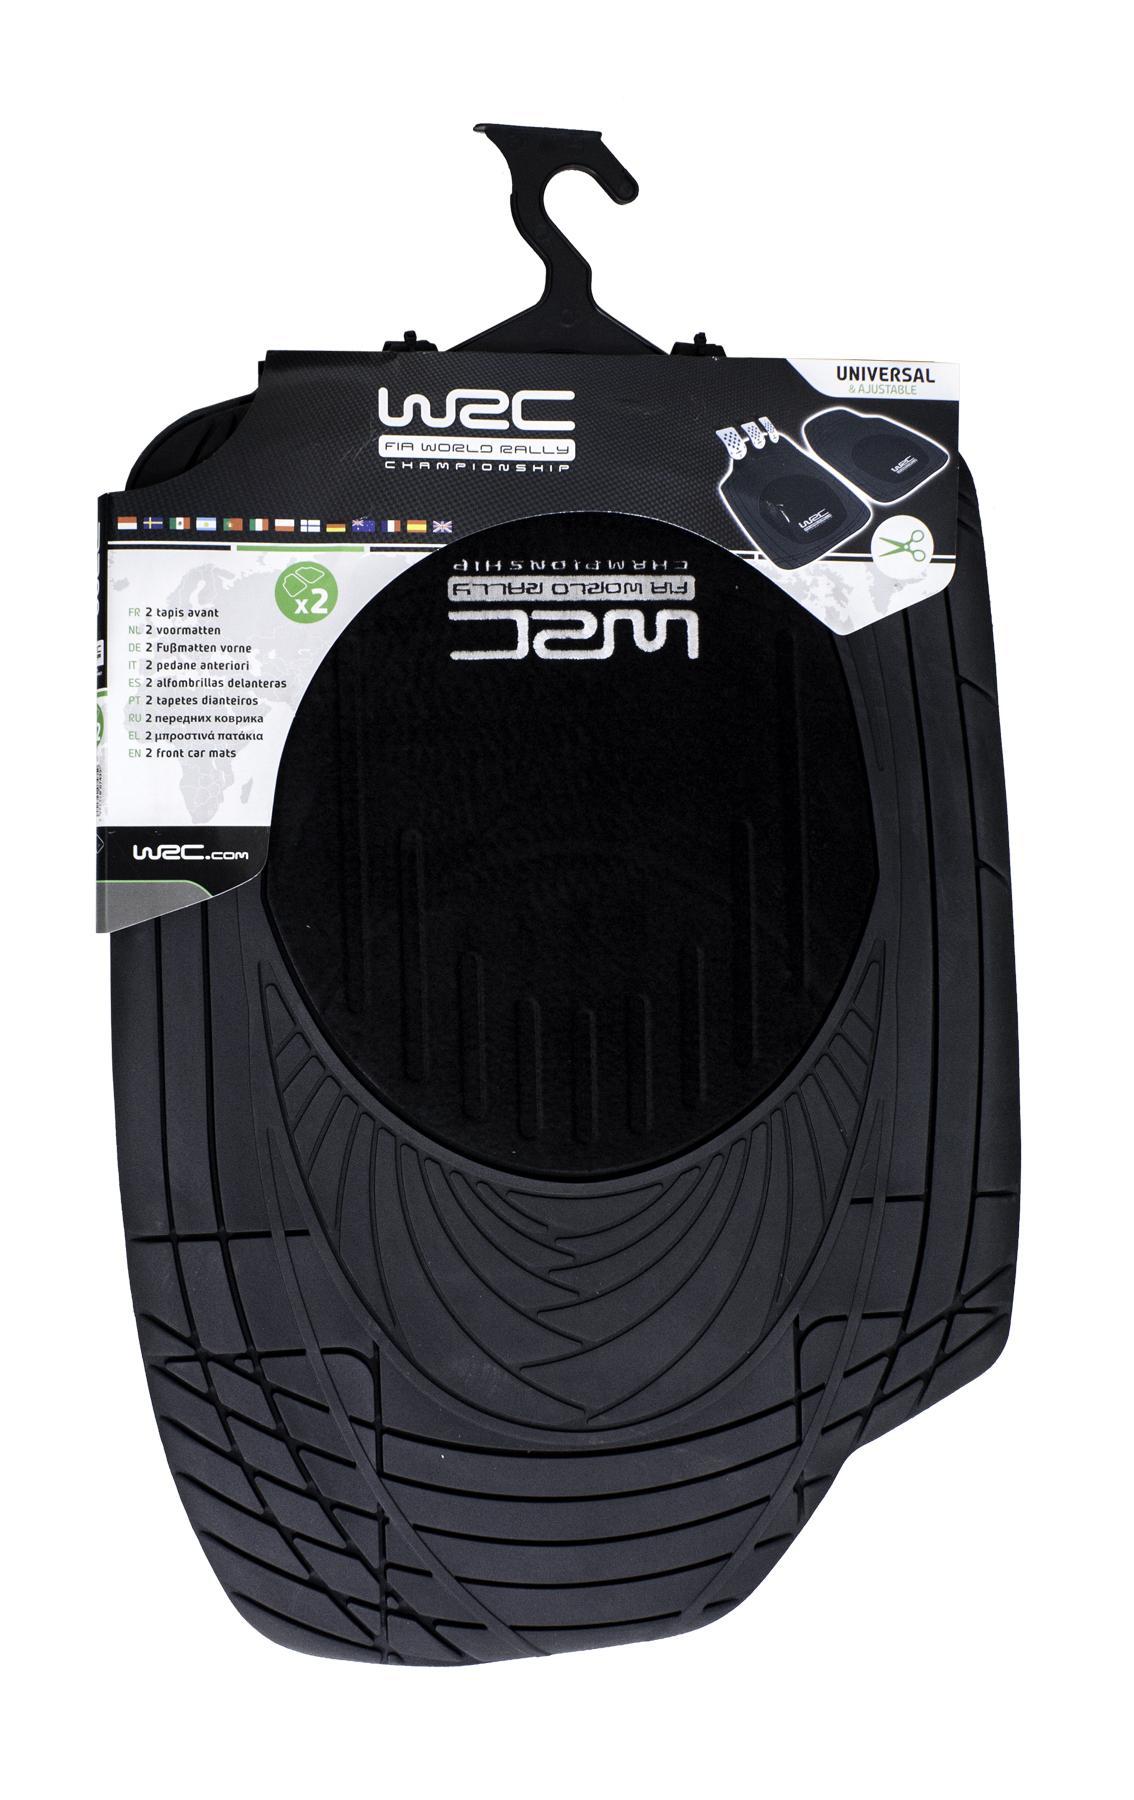 Vloermatset 007435 van WRC